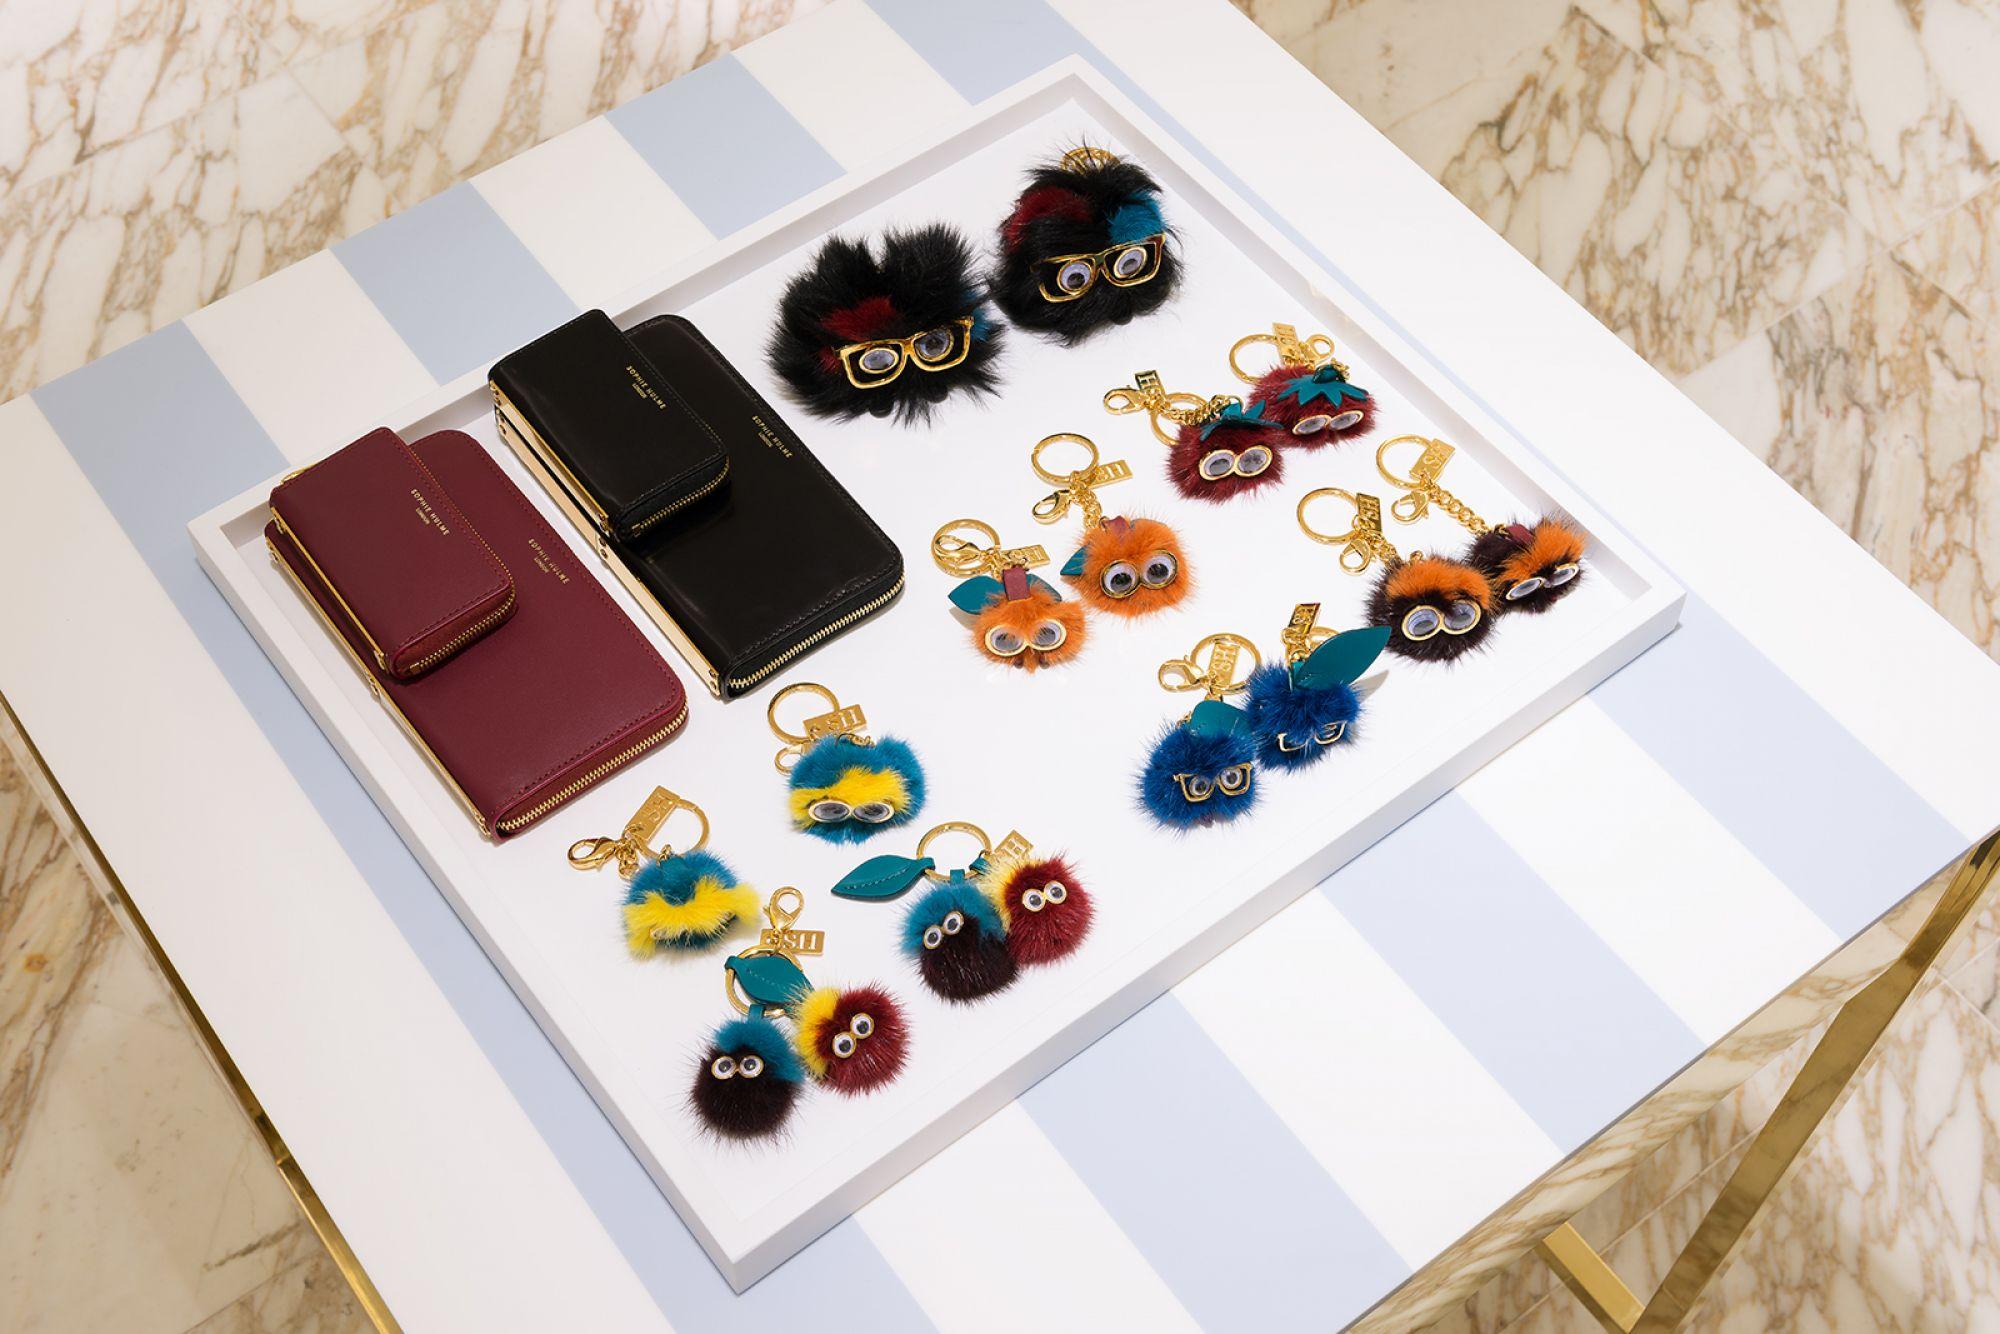 Luxuryretail_British-accessories-designer-Sophie-Hulme